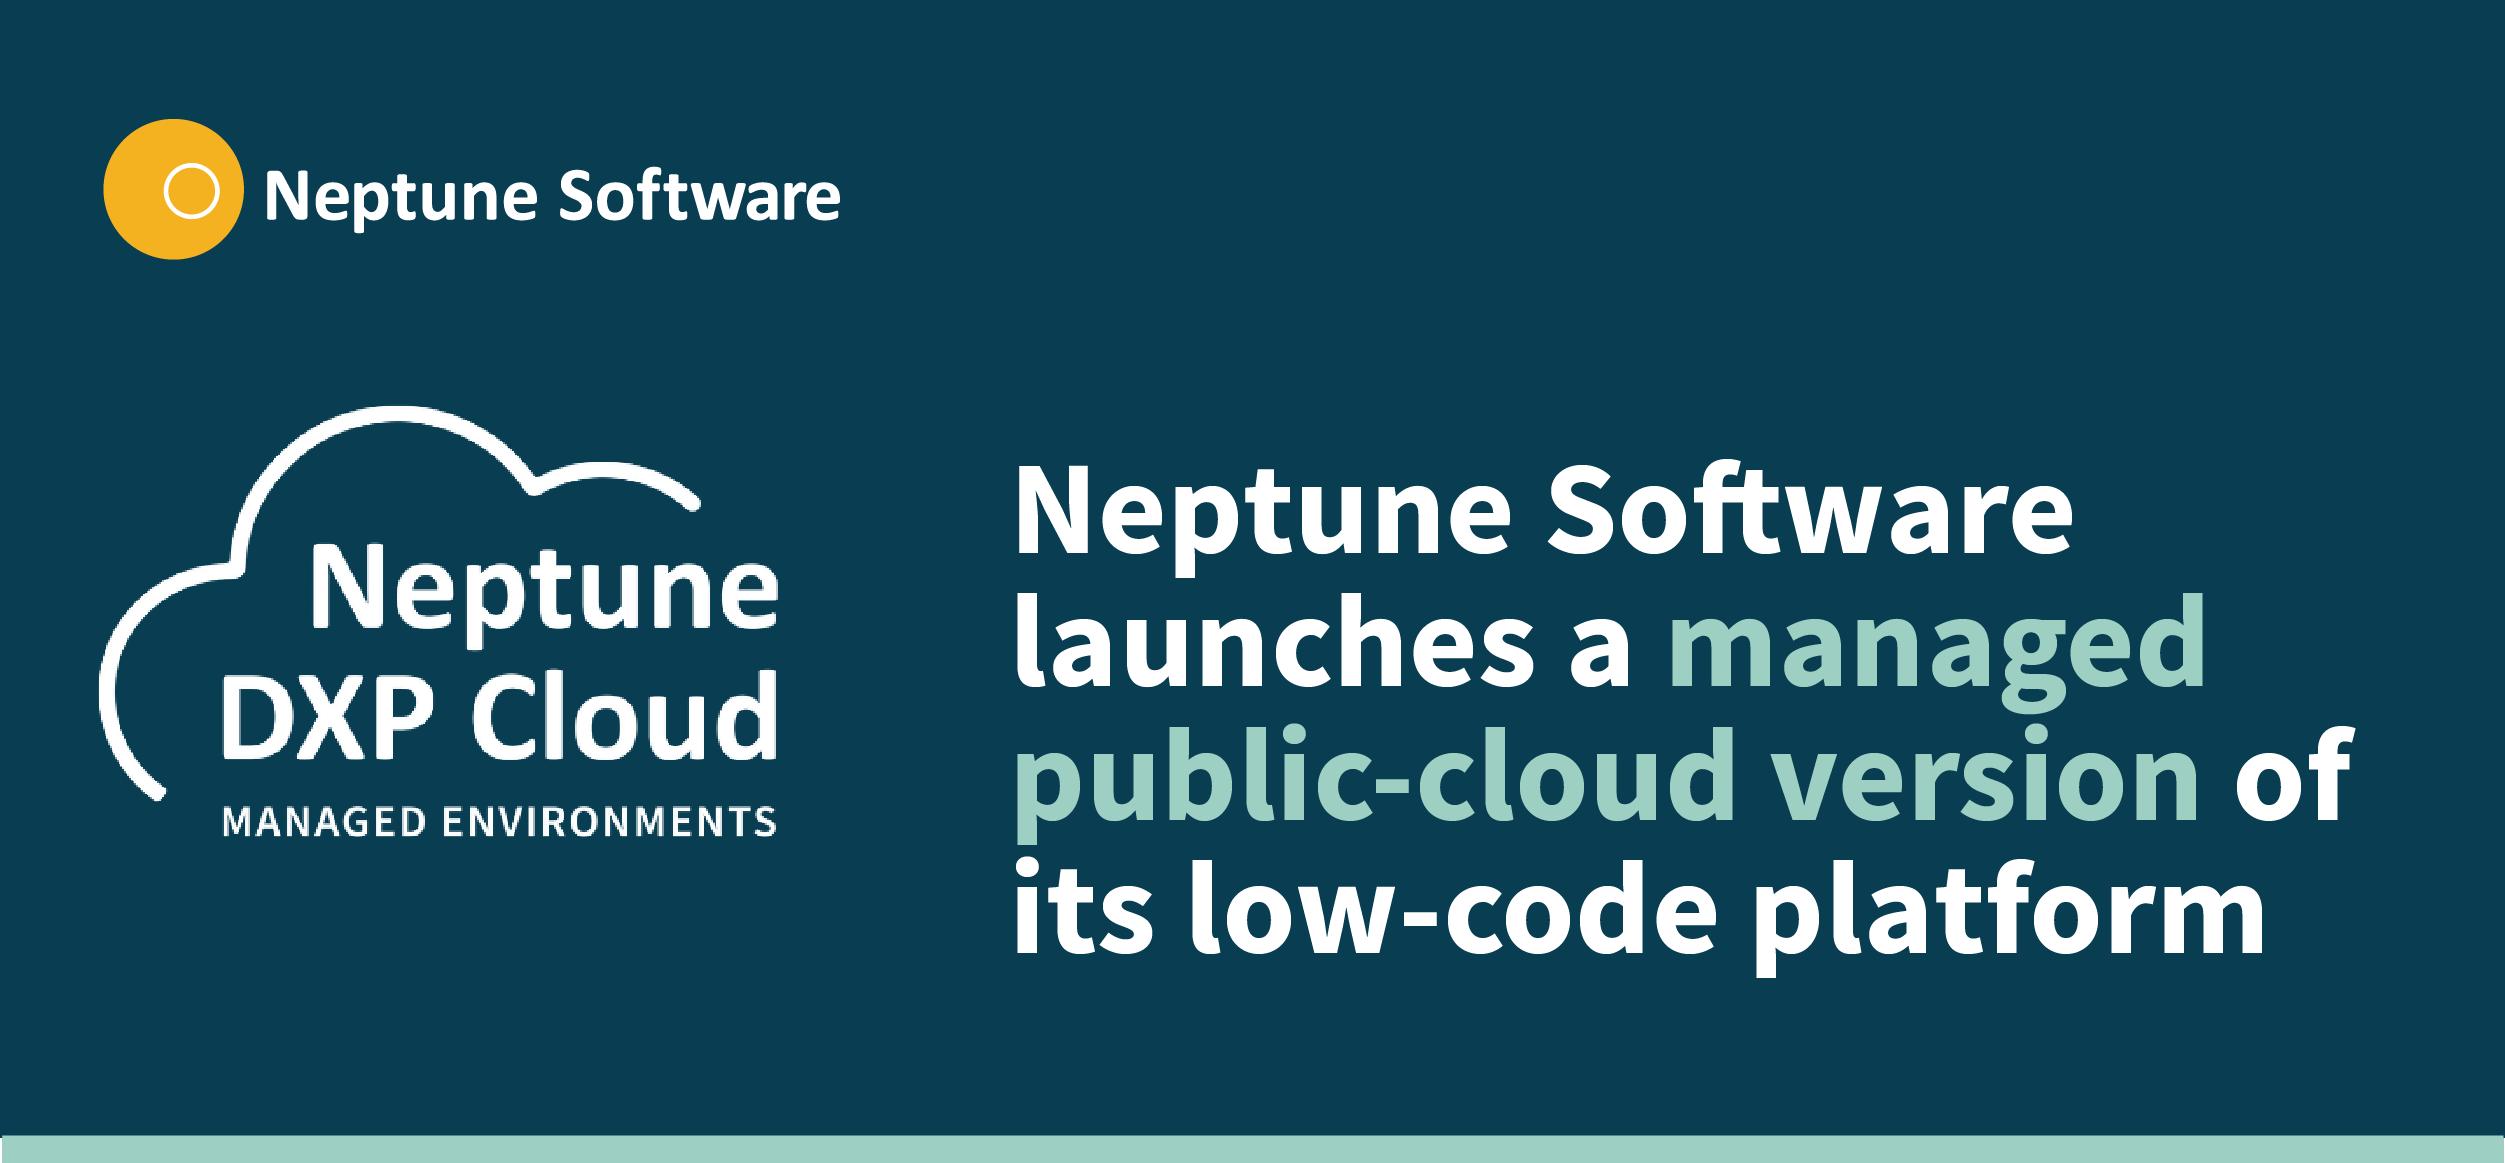 Neptune DXP Cloud